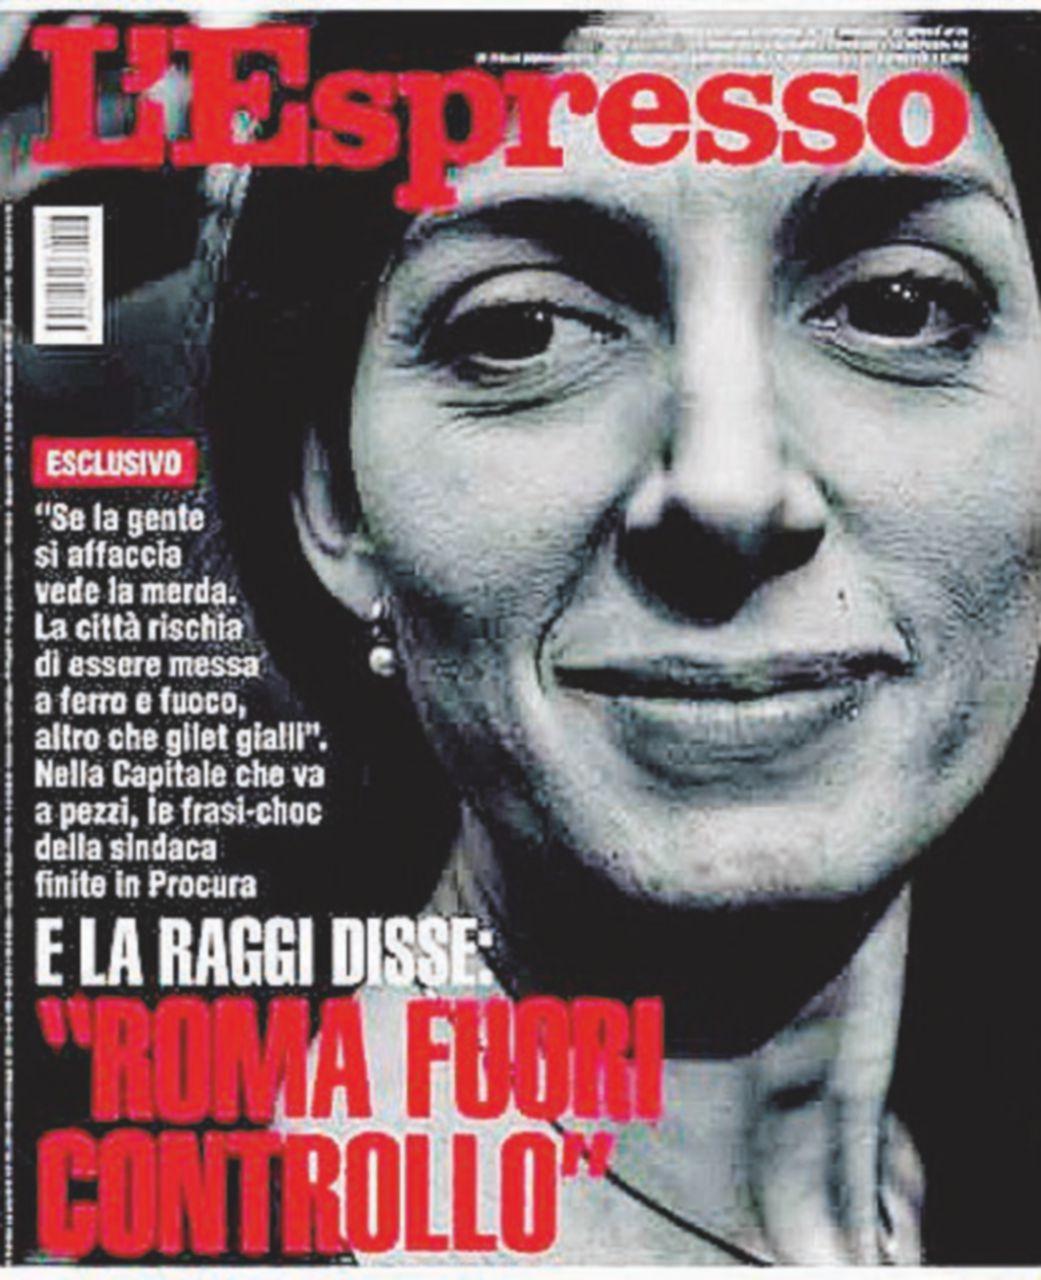 """L'Espresso, Boldrini: """"Foto inopportuna. Per criticare la Raggi ci sono altri modi"""""""